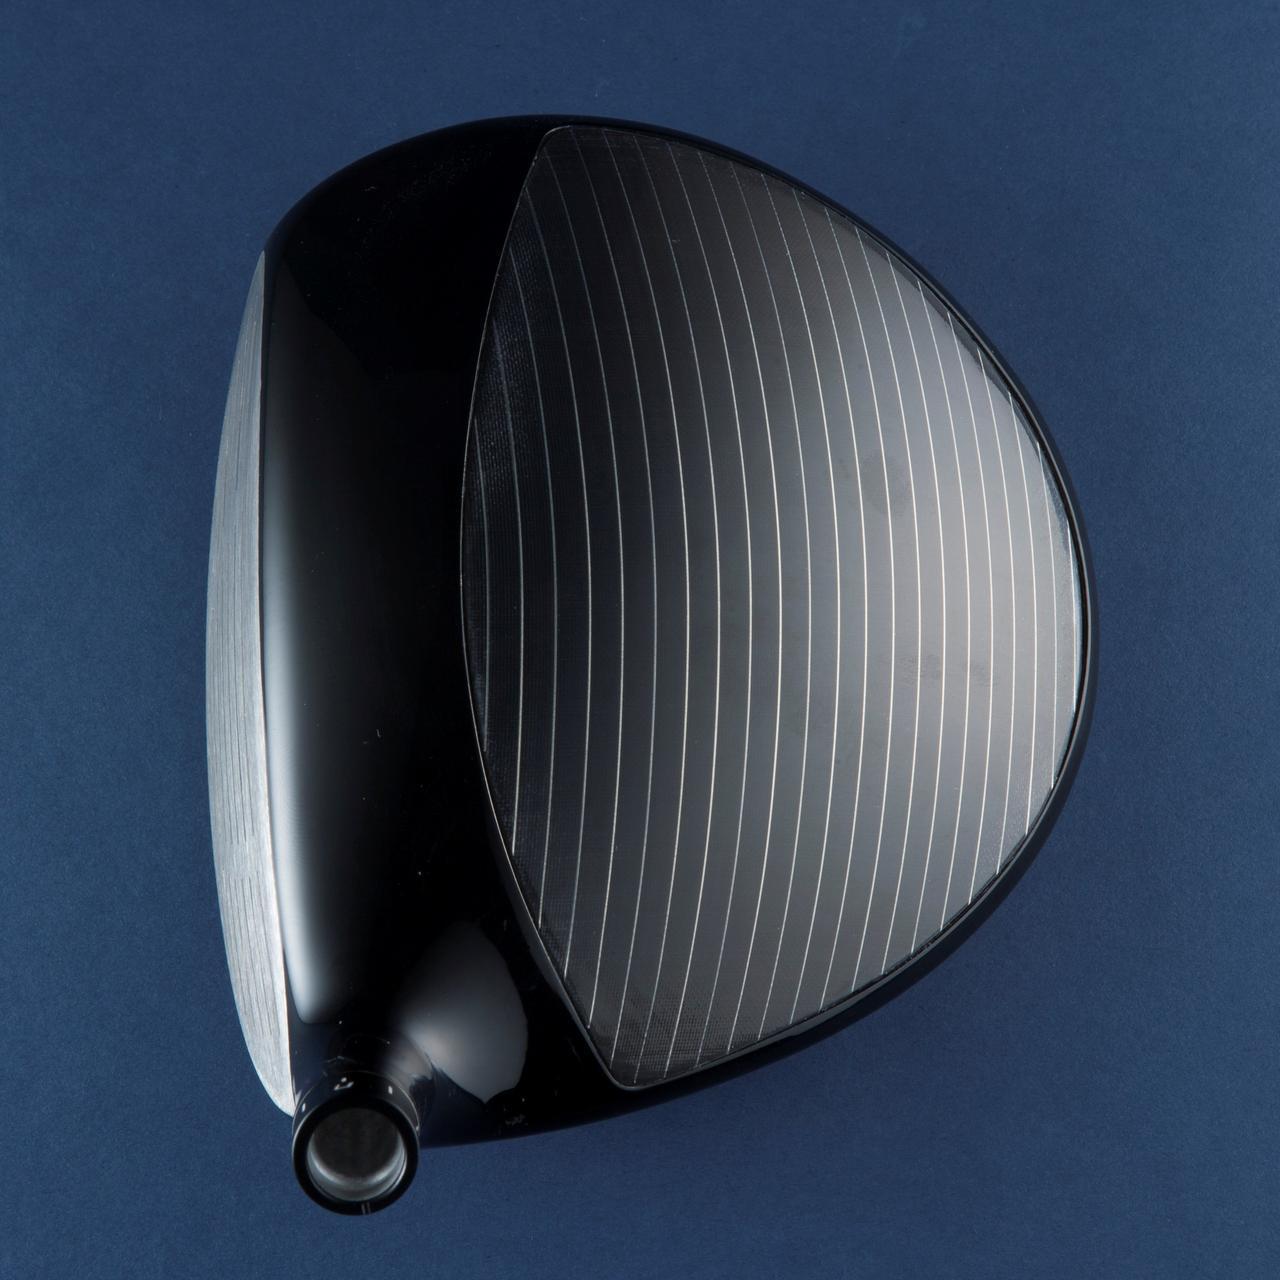 画像: ブリヂストンゴルフ・ツアーB XD-3。カーボン部に入った金属弦が特徴的